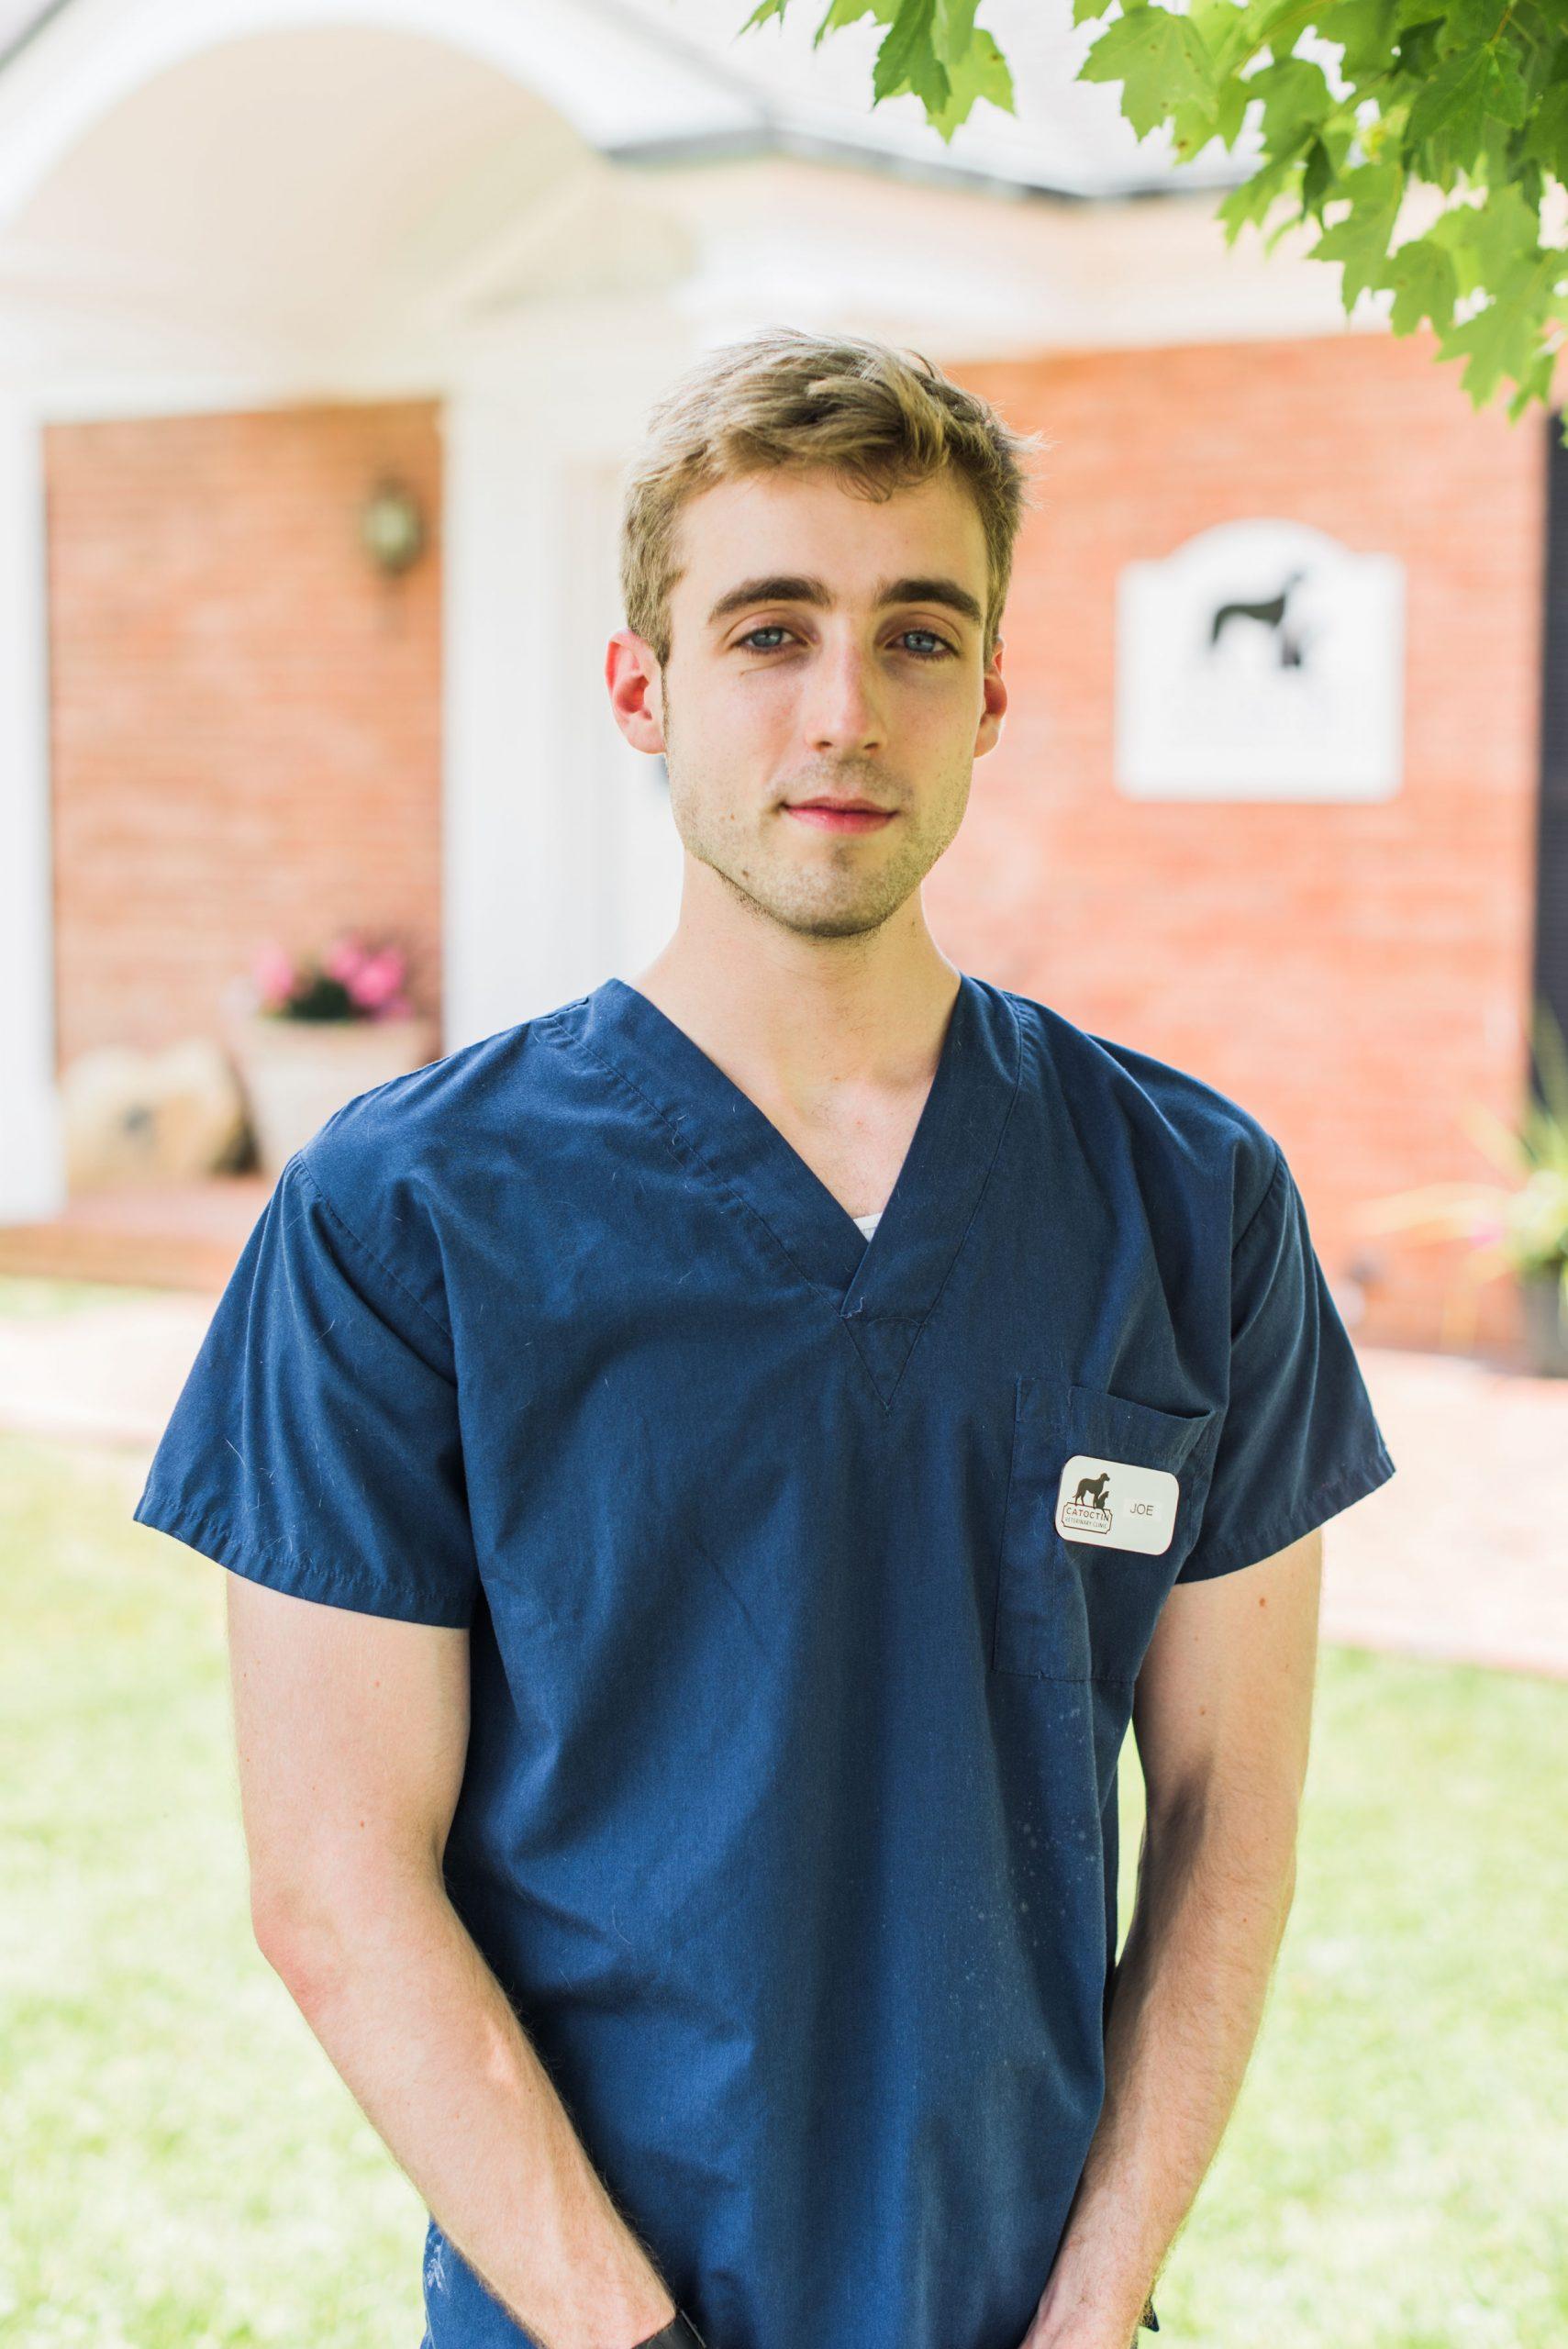 Joe Catoctin Veterinary